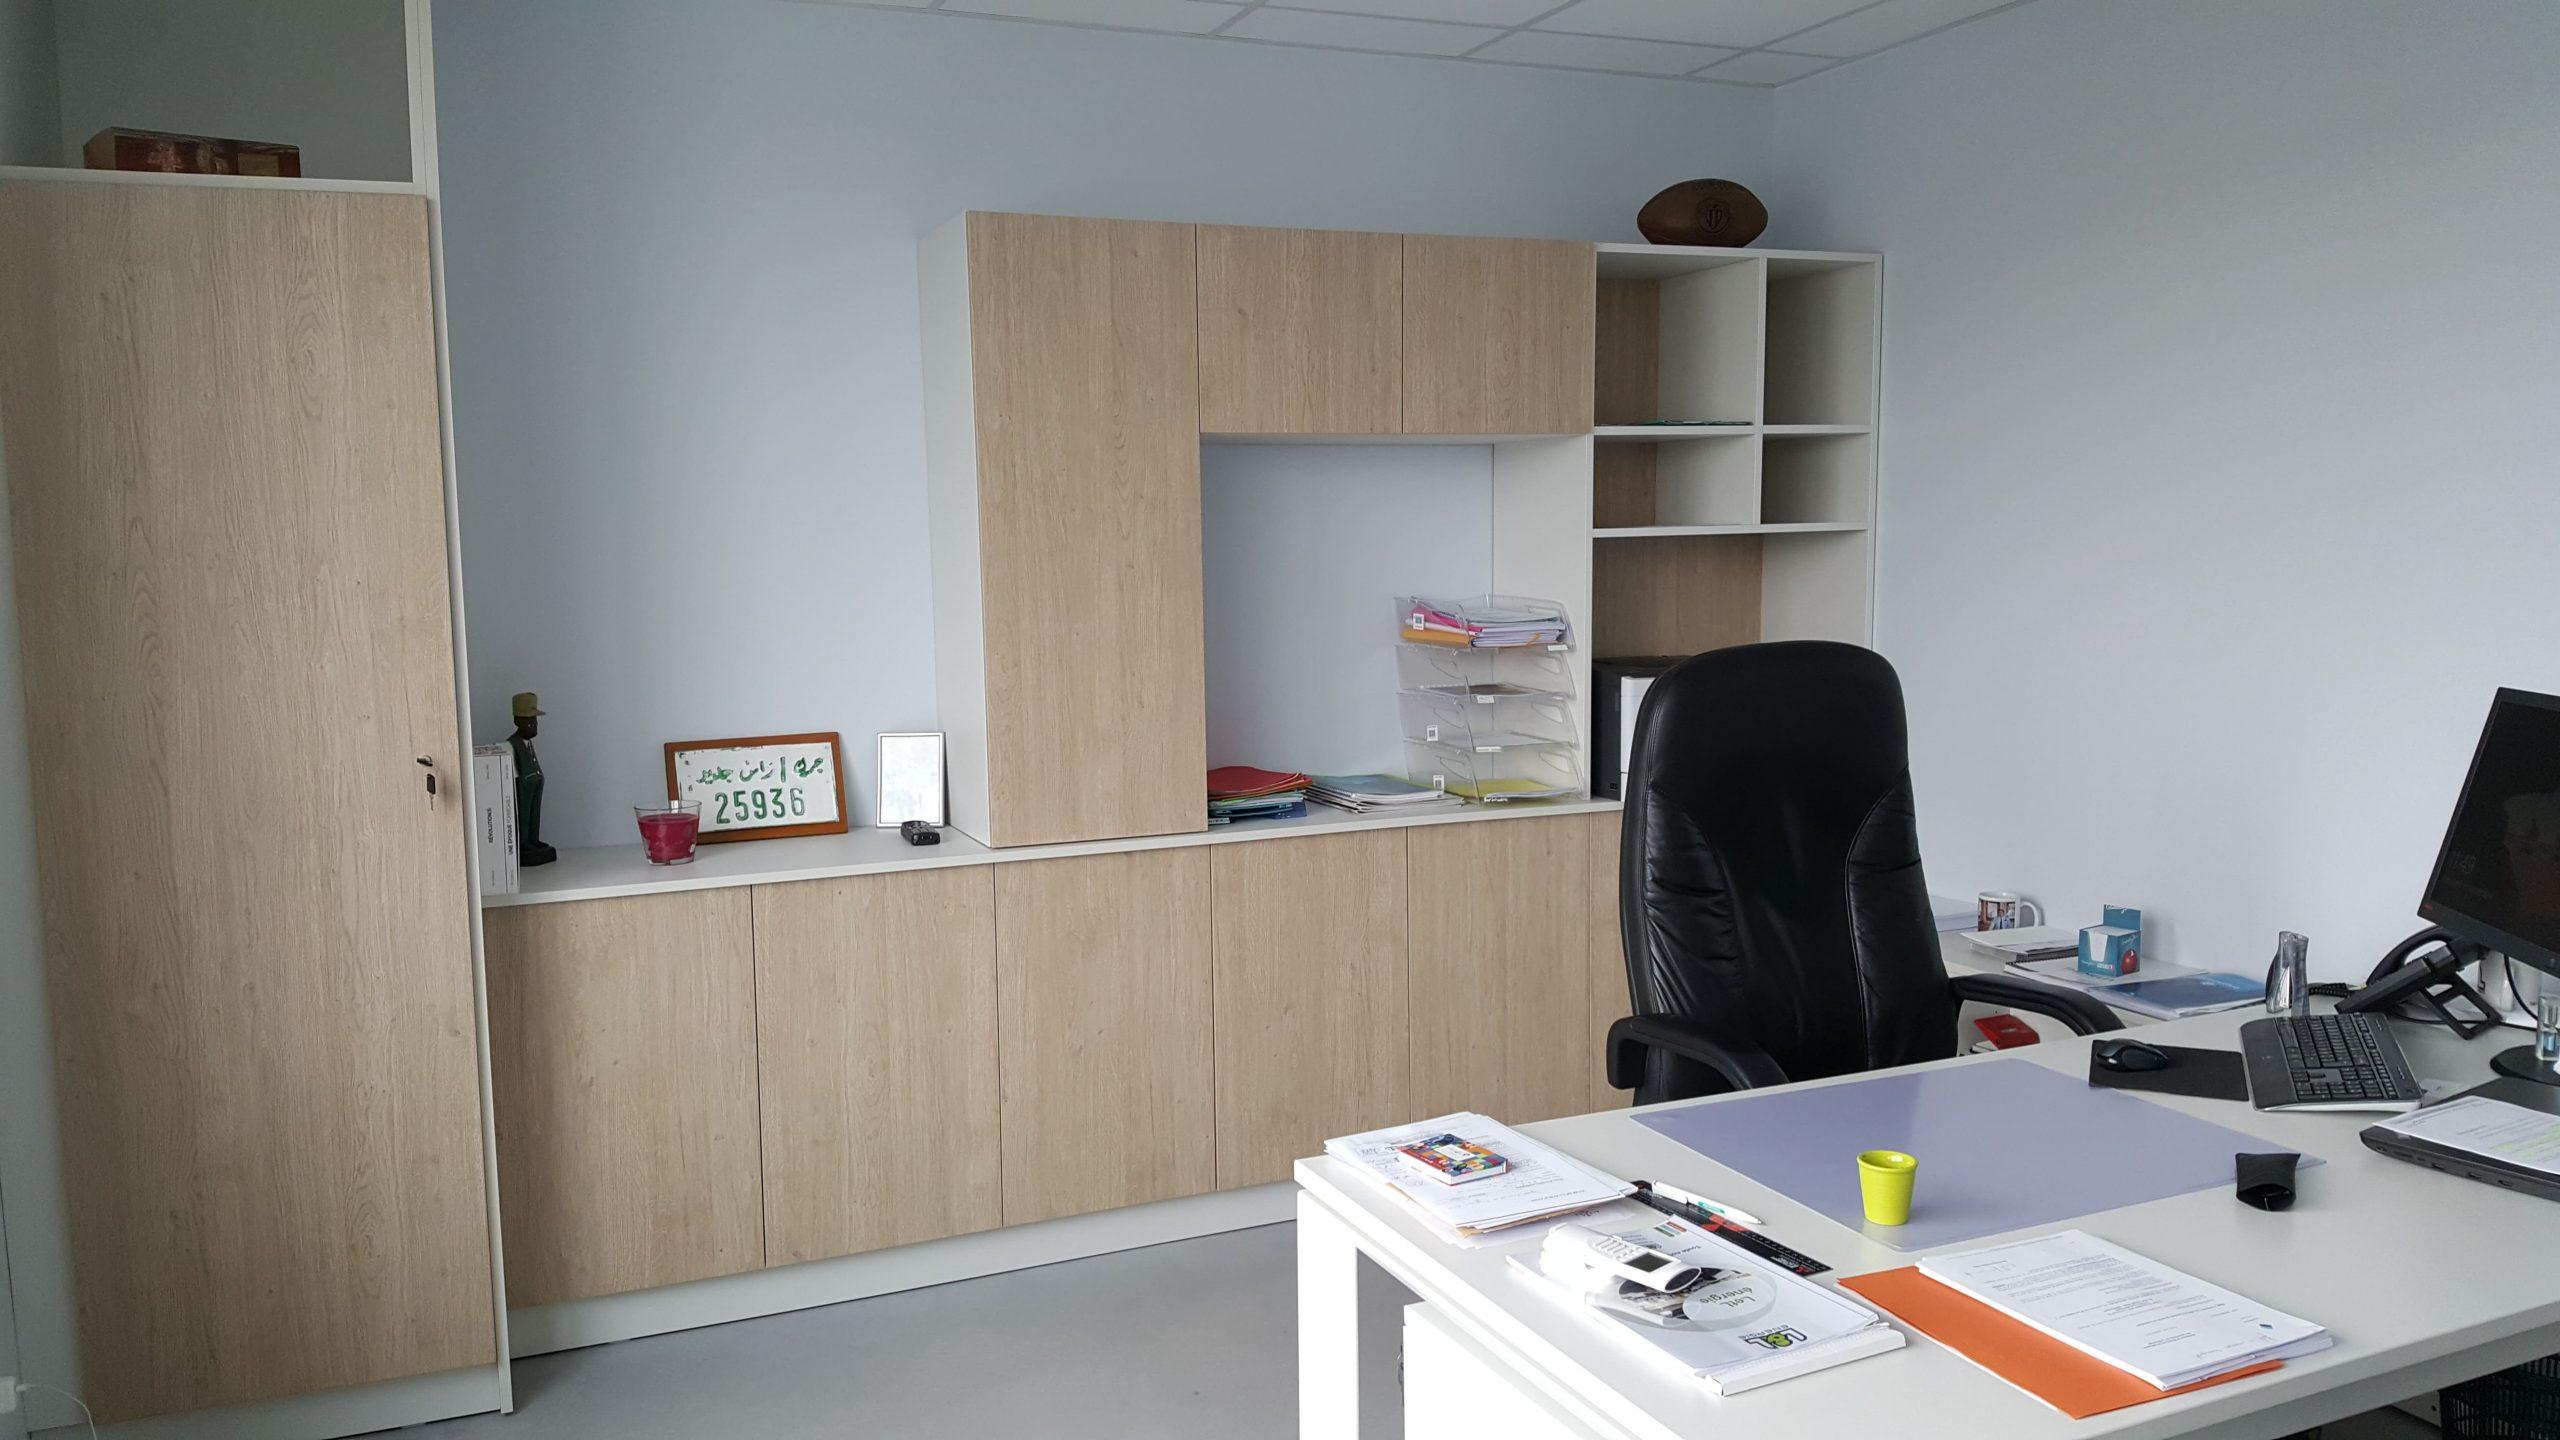 Bureau dans les locaux de Lagrèzes et Lacroux à Albi agencé par SAFRA Agencement